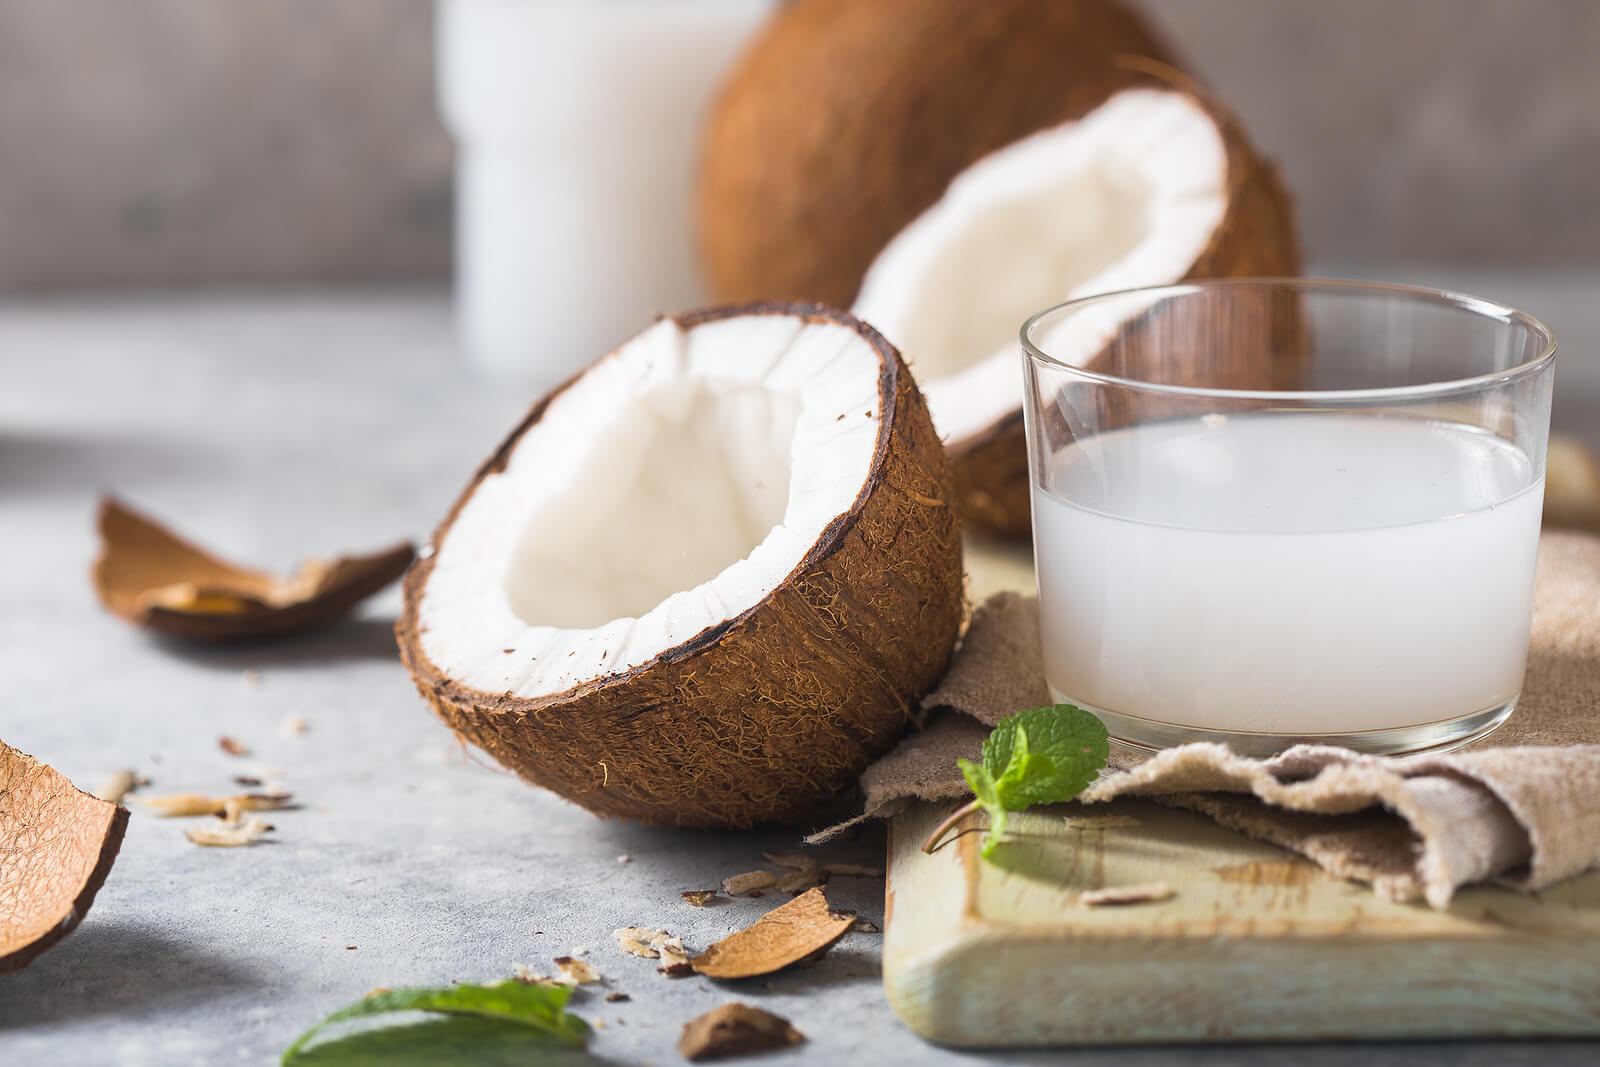 Beneficios de consumir agua de coco - Mejor con Salud